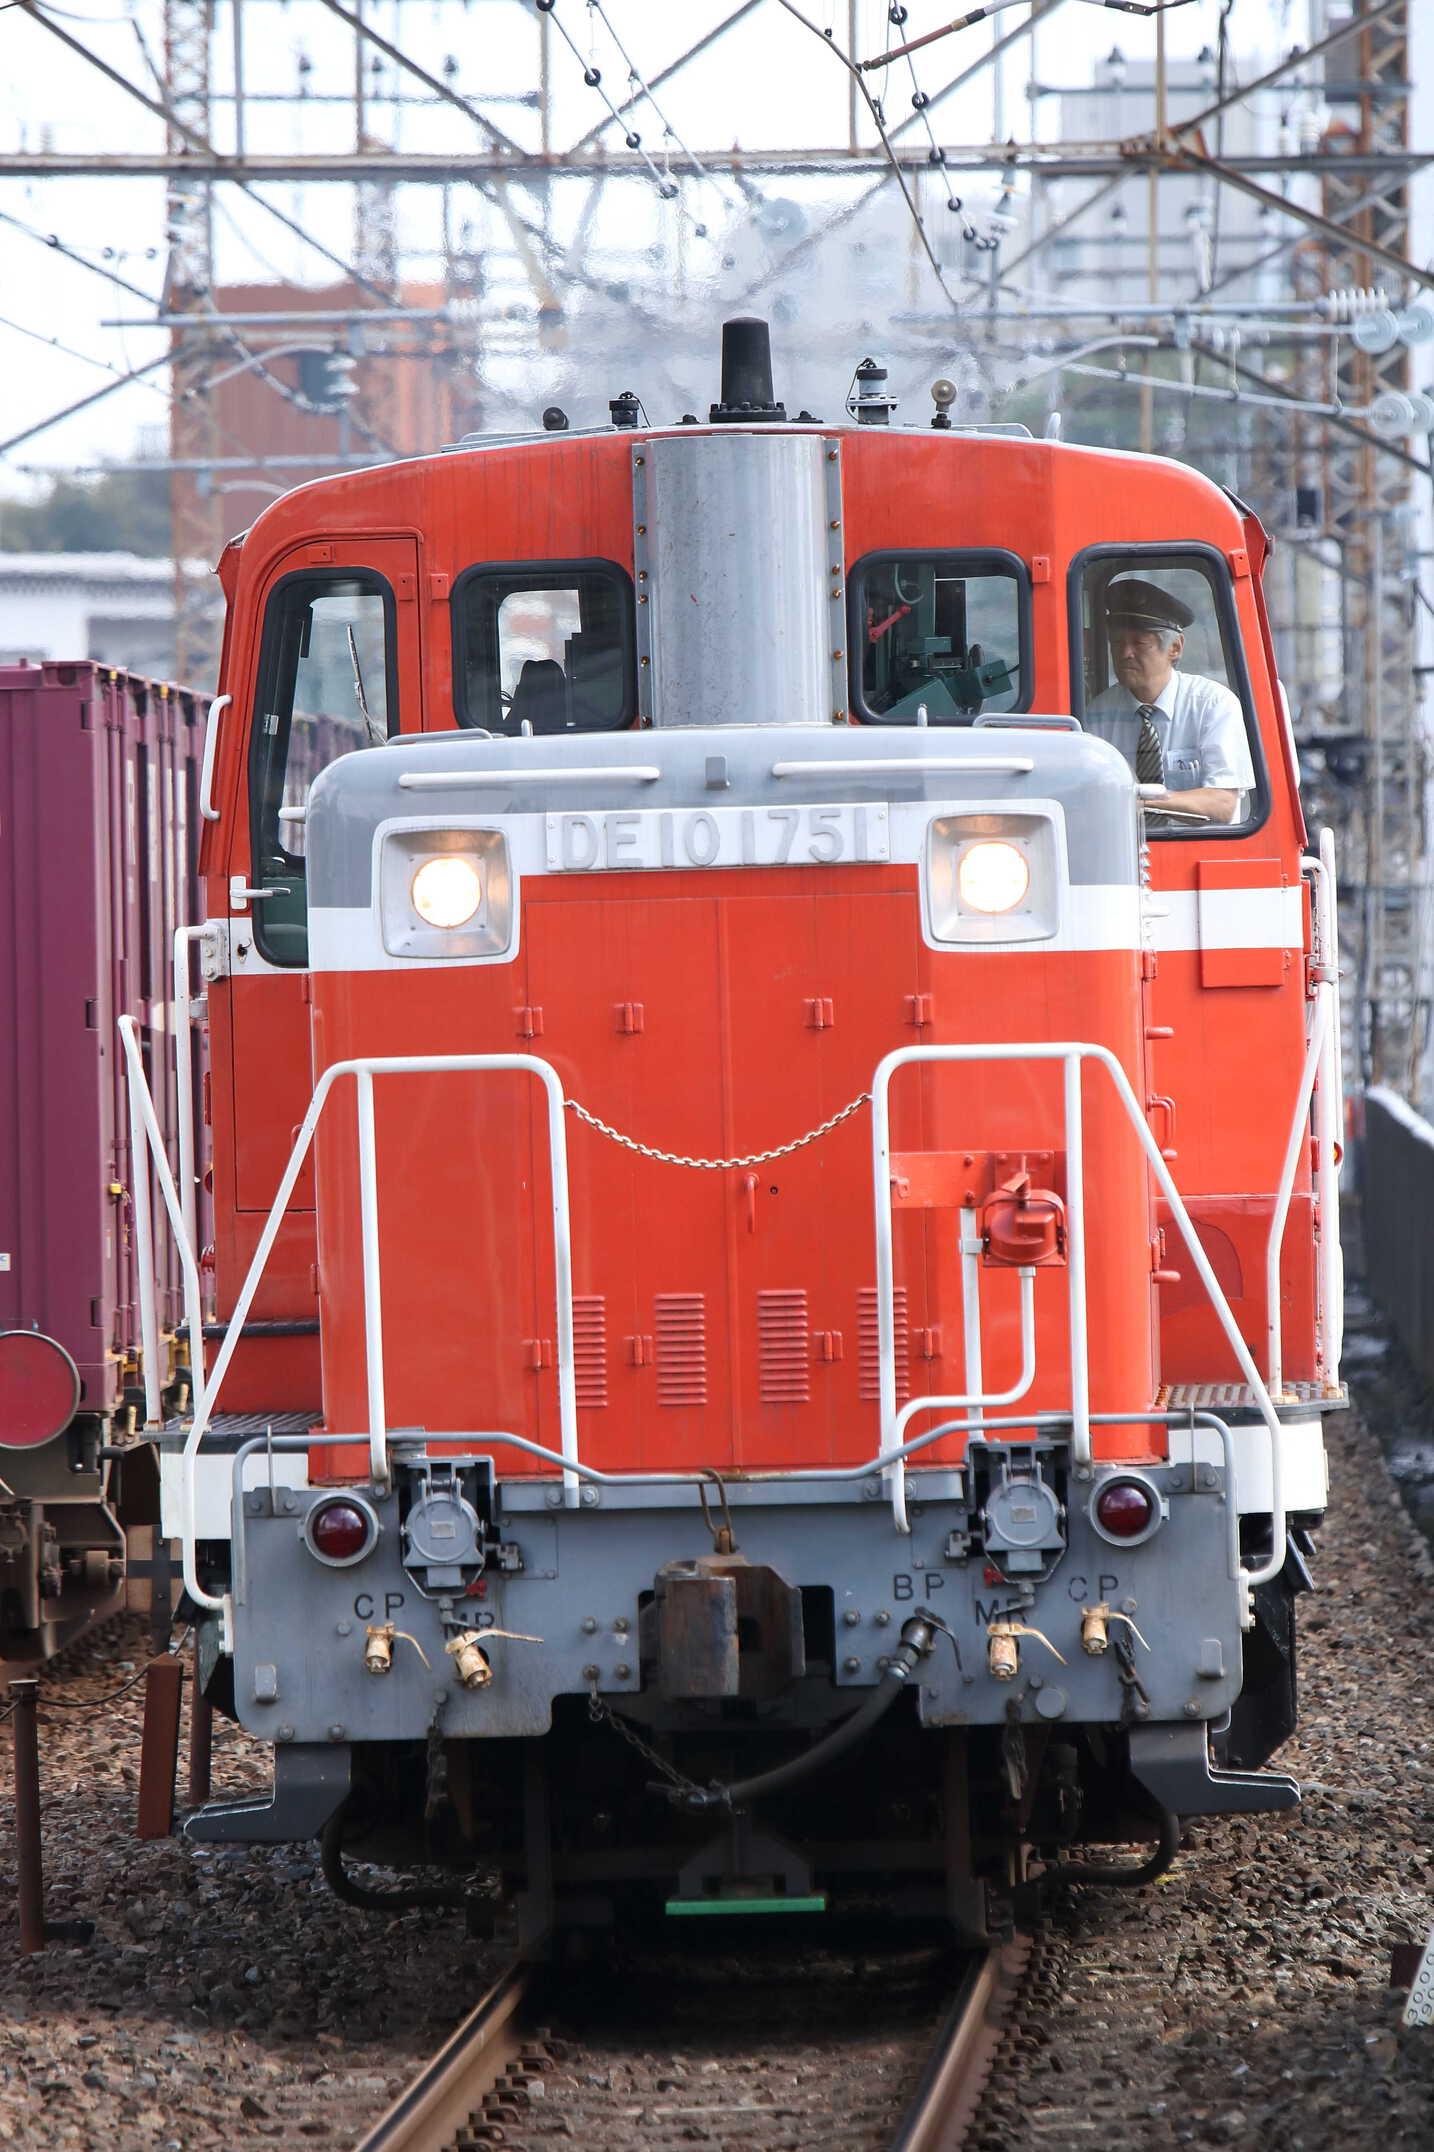 単9529列車 田端所常駐機交換 DE10-1751[高]